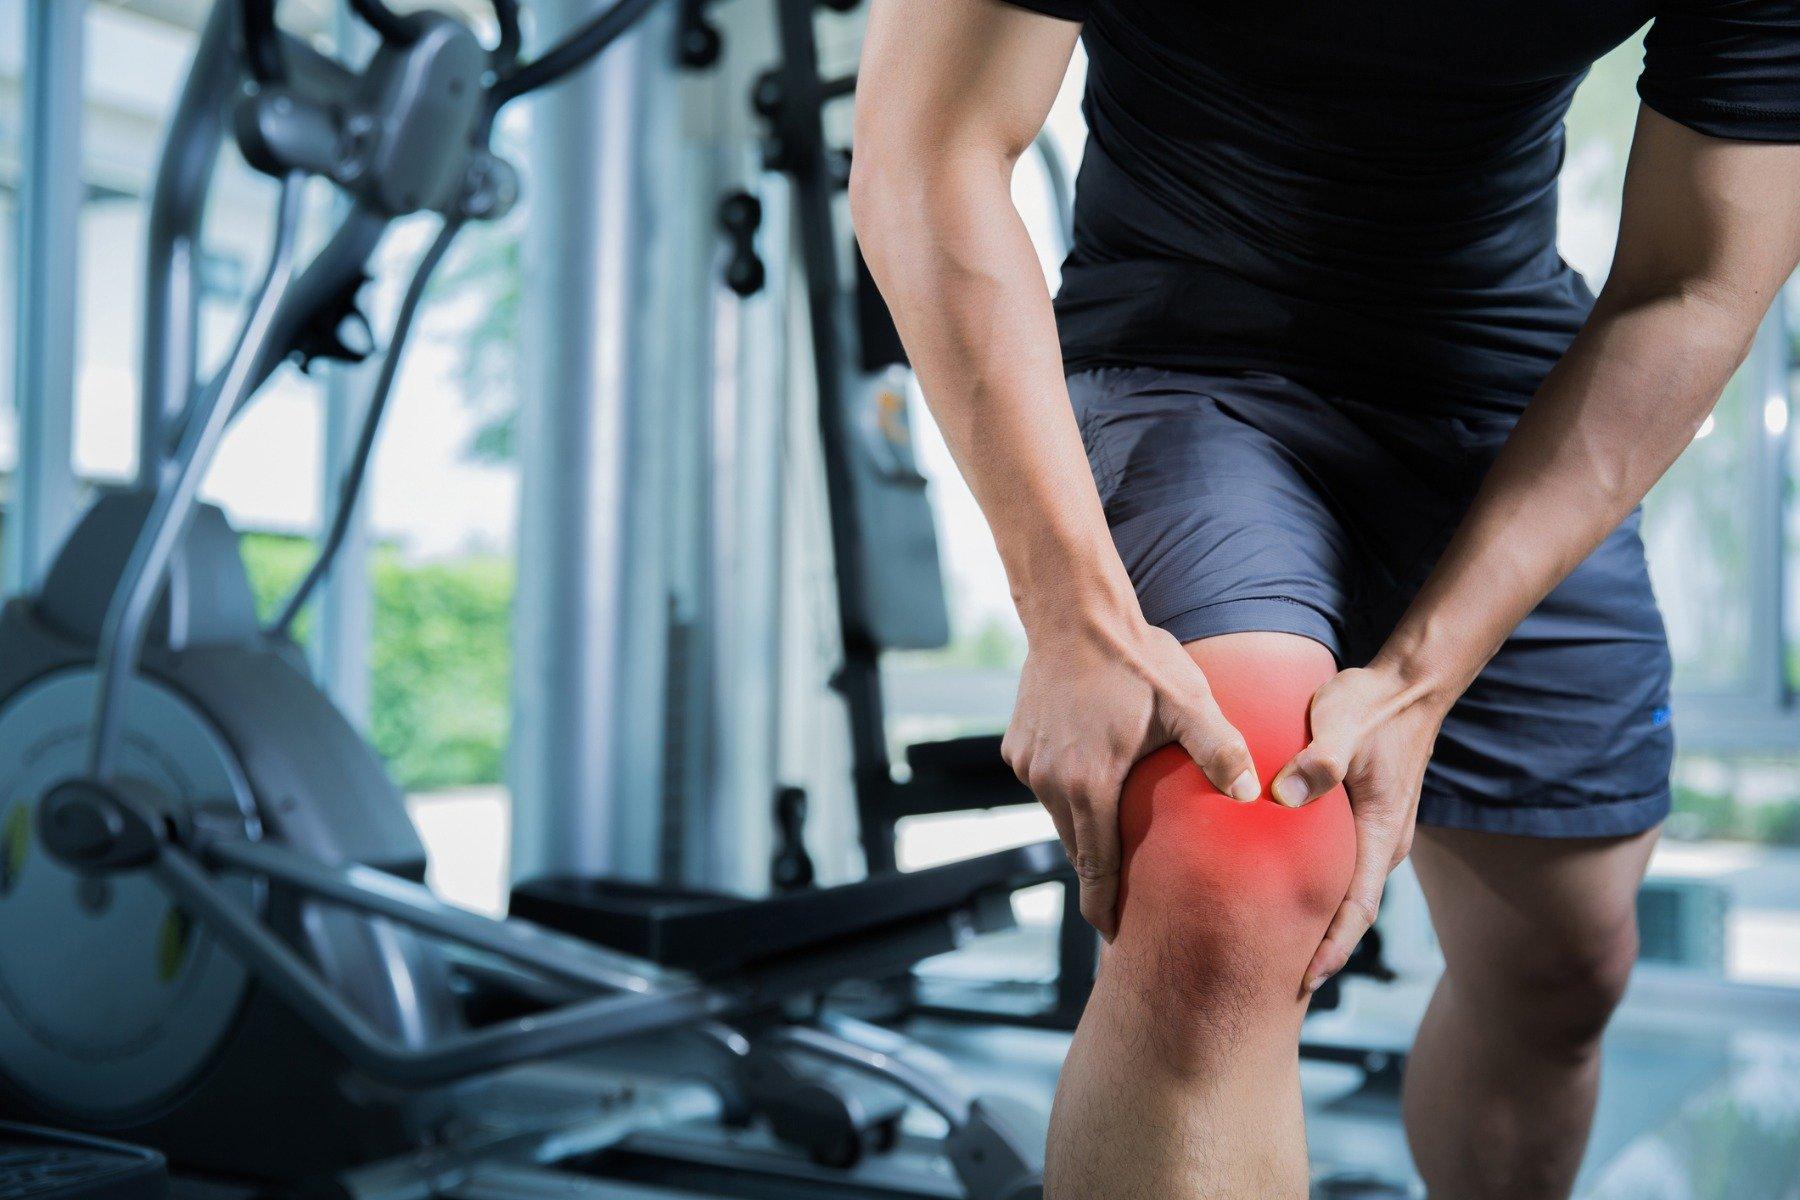 hogyan lehet gyorsan enyhíteni a térdízületek fájdalmait